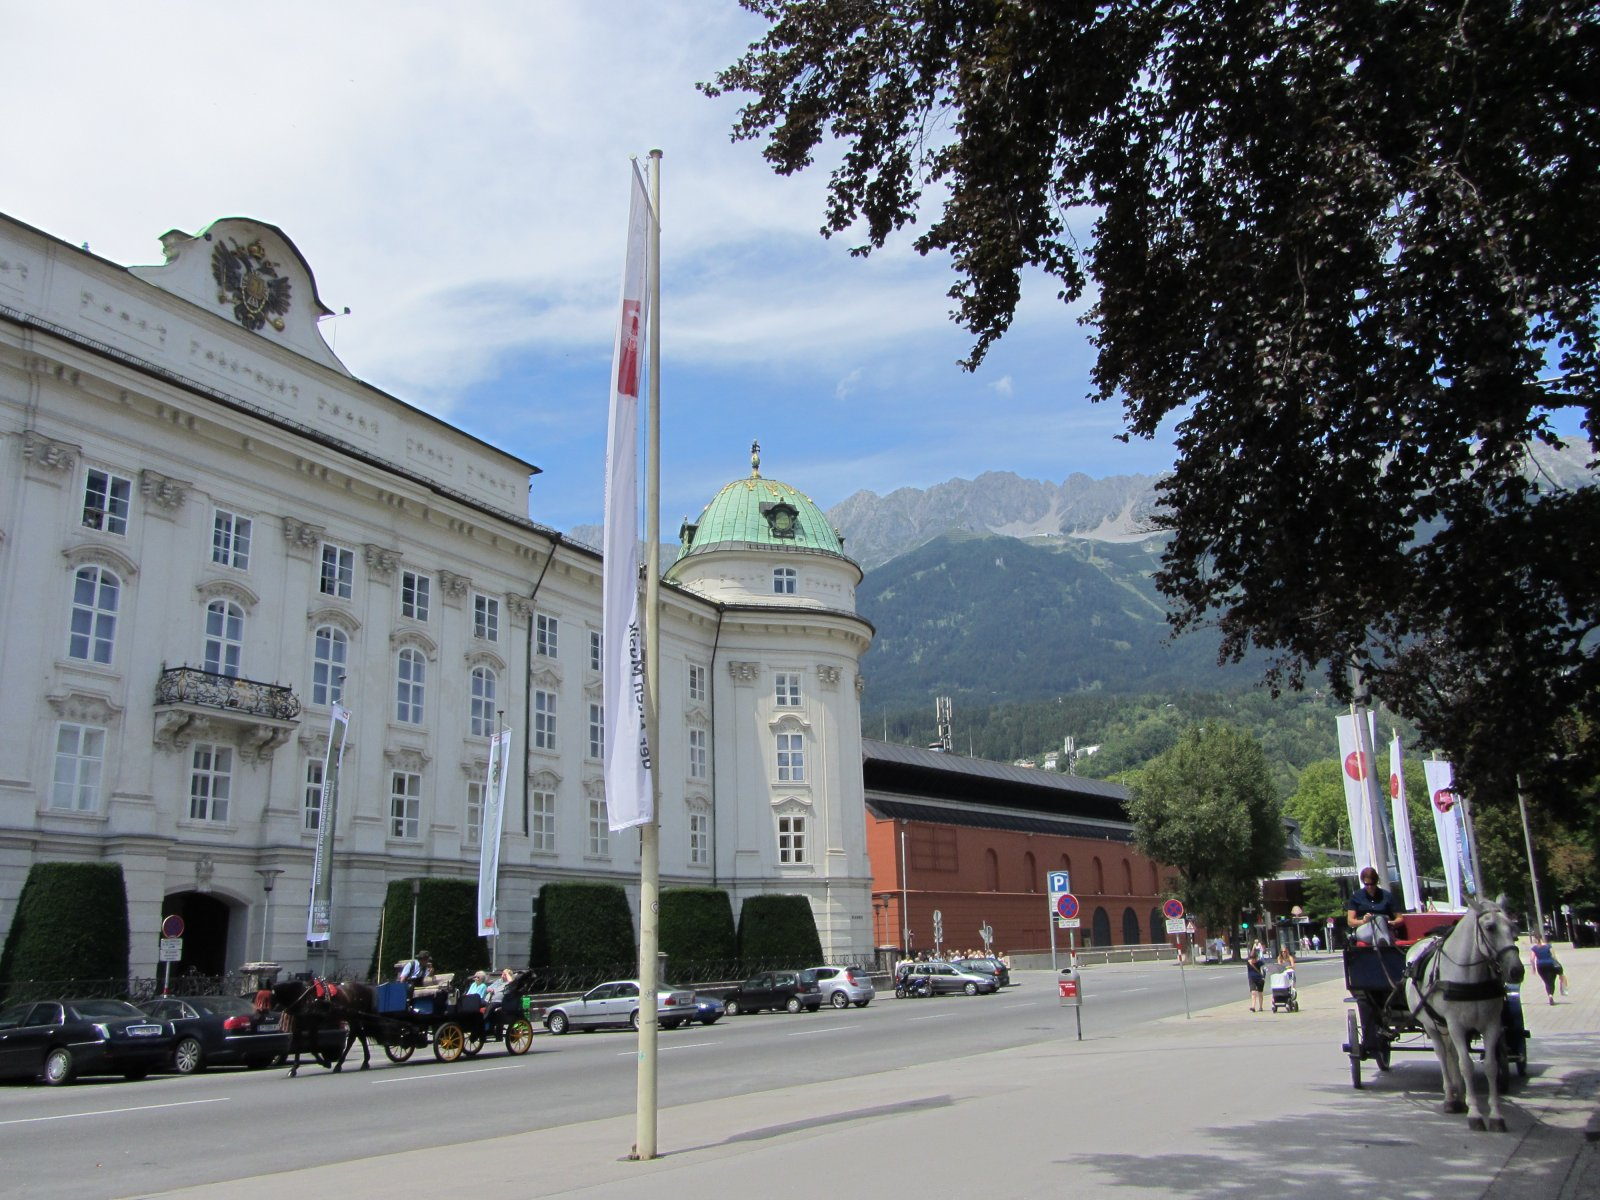 Обзорная экскурсия по Инсбруку + музей Сваровски